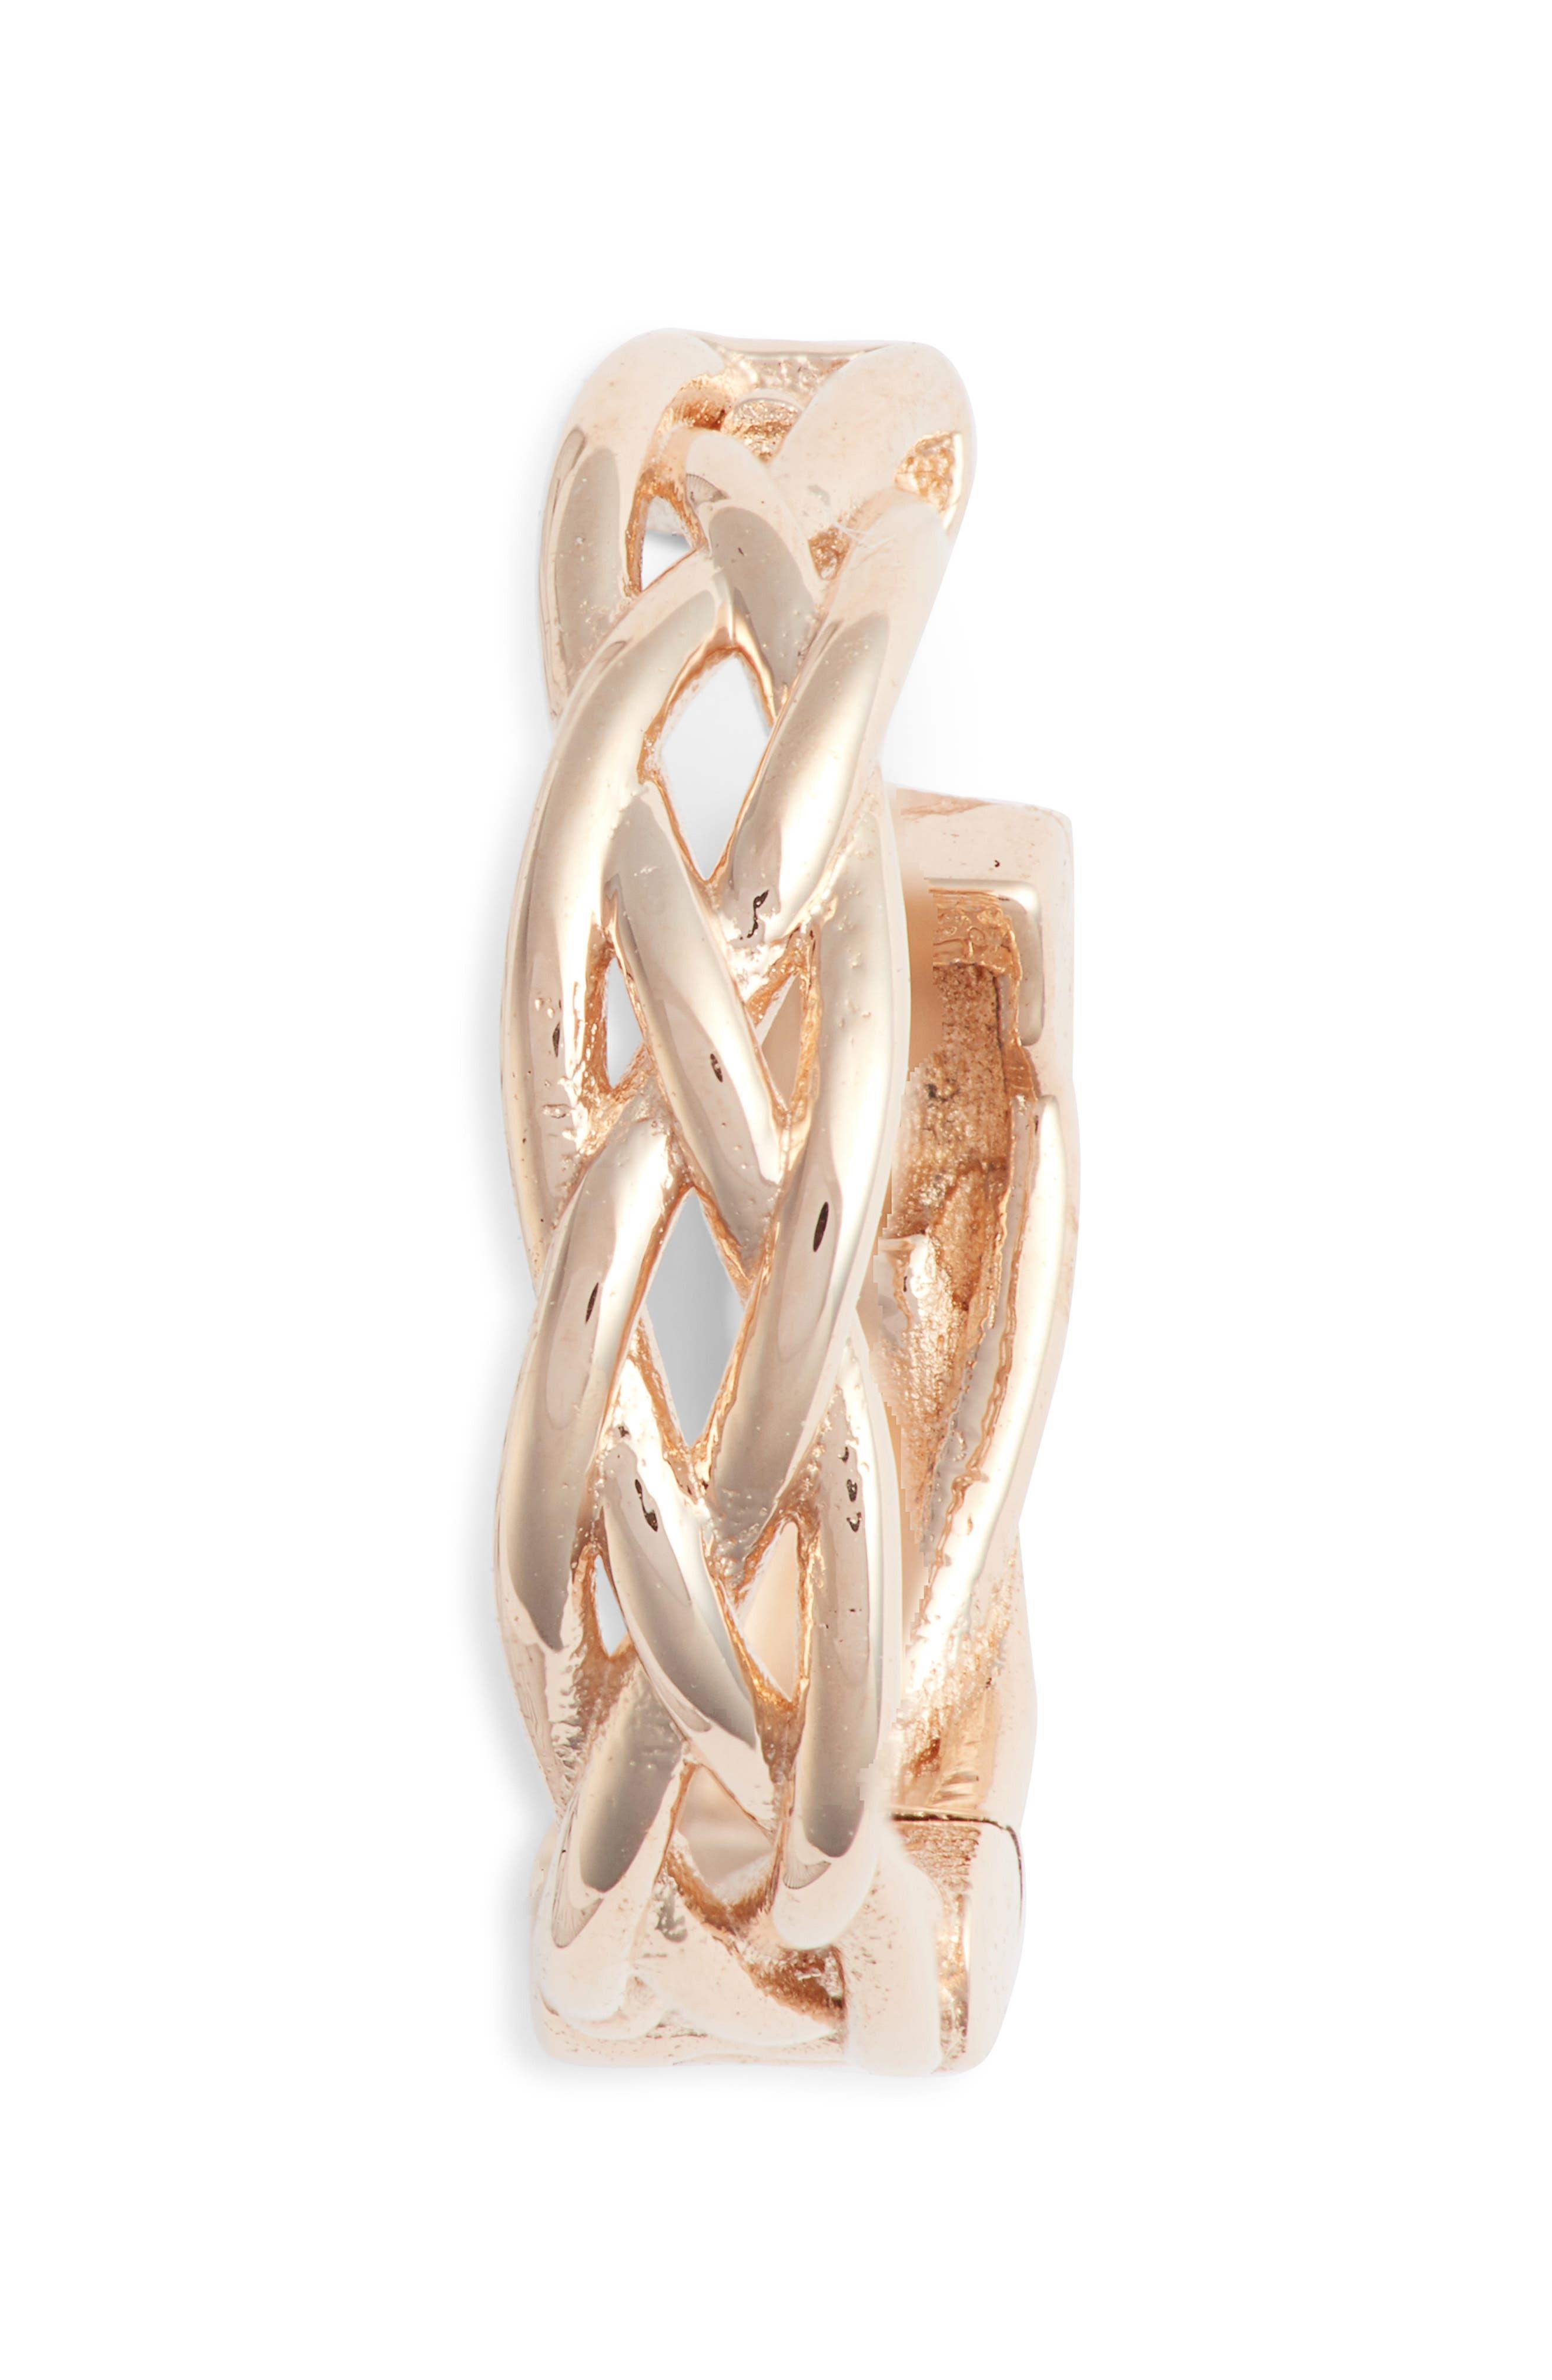 KISMET BY MILKA Braided Hoop Earring, Main, color, ROSE GOLD